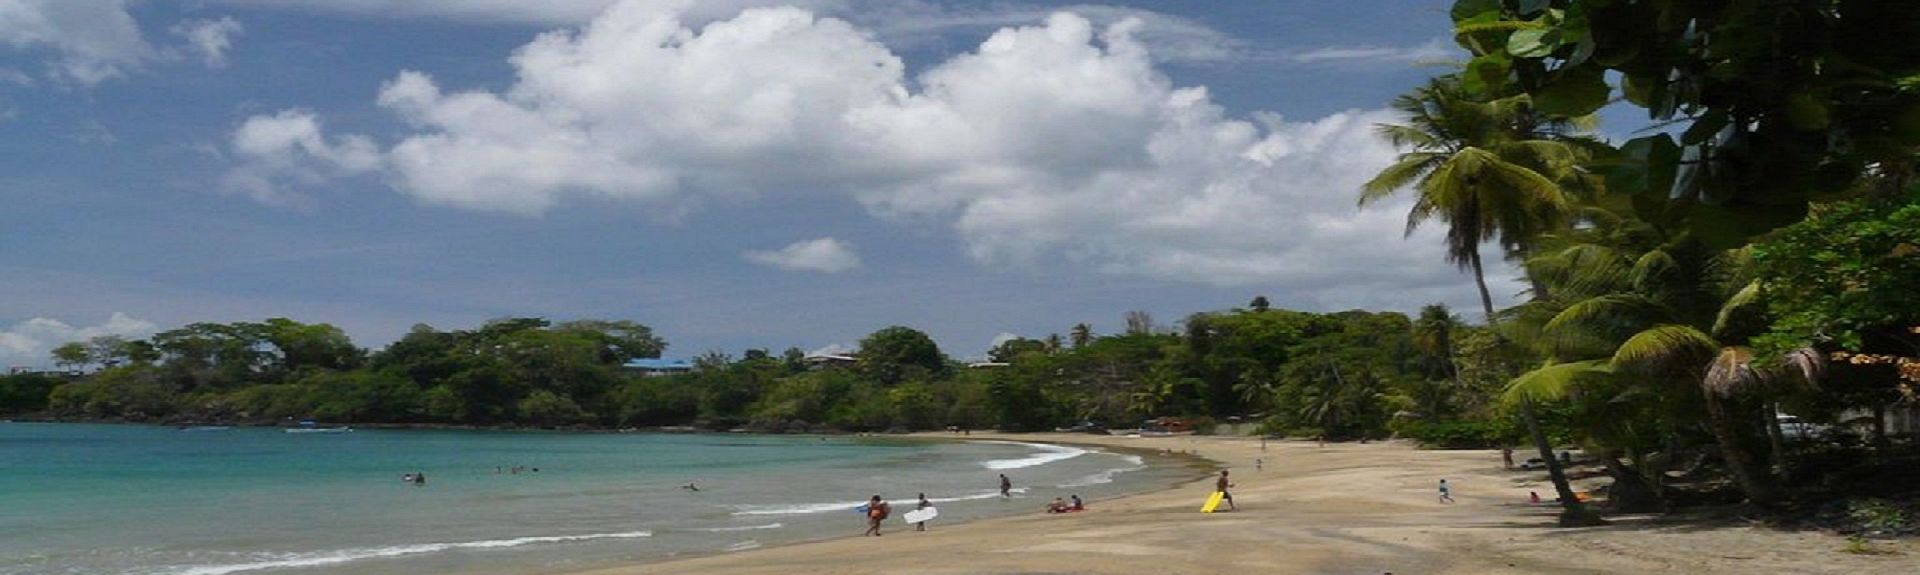 Lambeau, Trinidad and Tobago